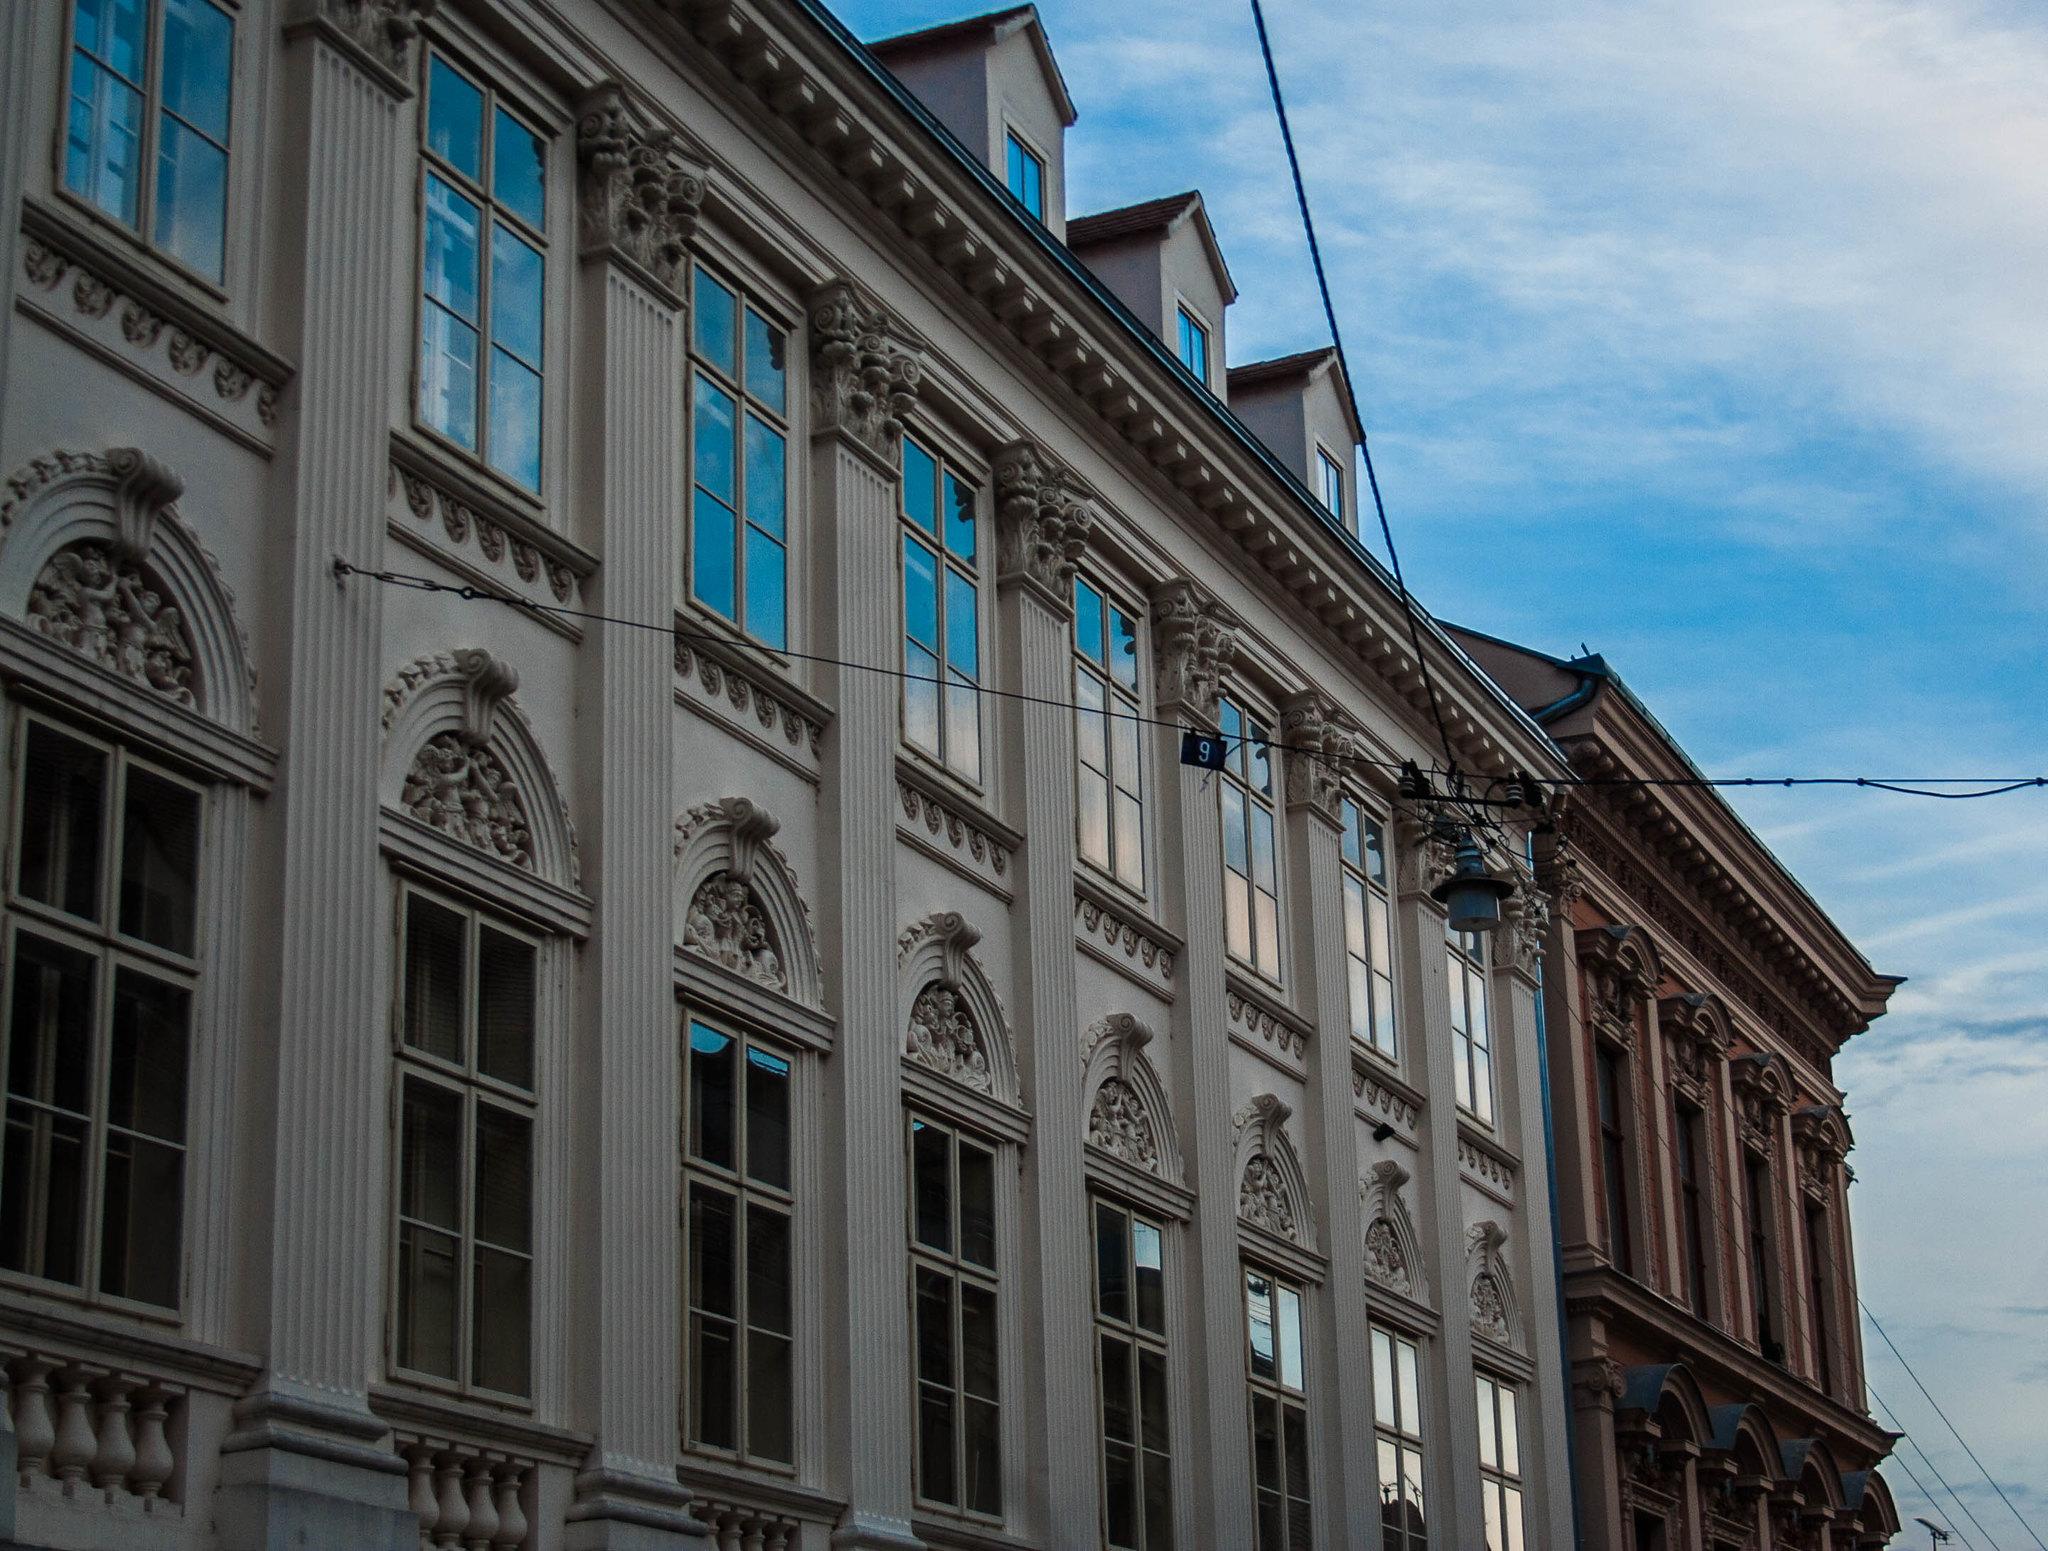 [FOTO] Art nouveau ili secesija – Saznajte nešto o arhitekturi mnogih domaćih gradova